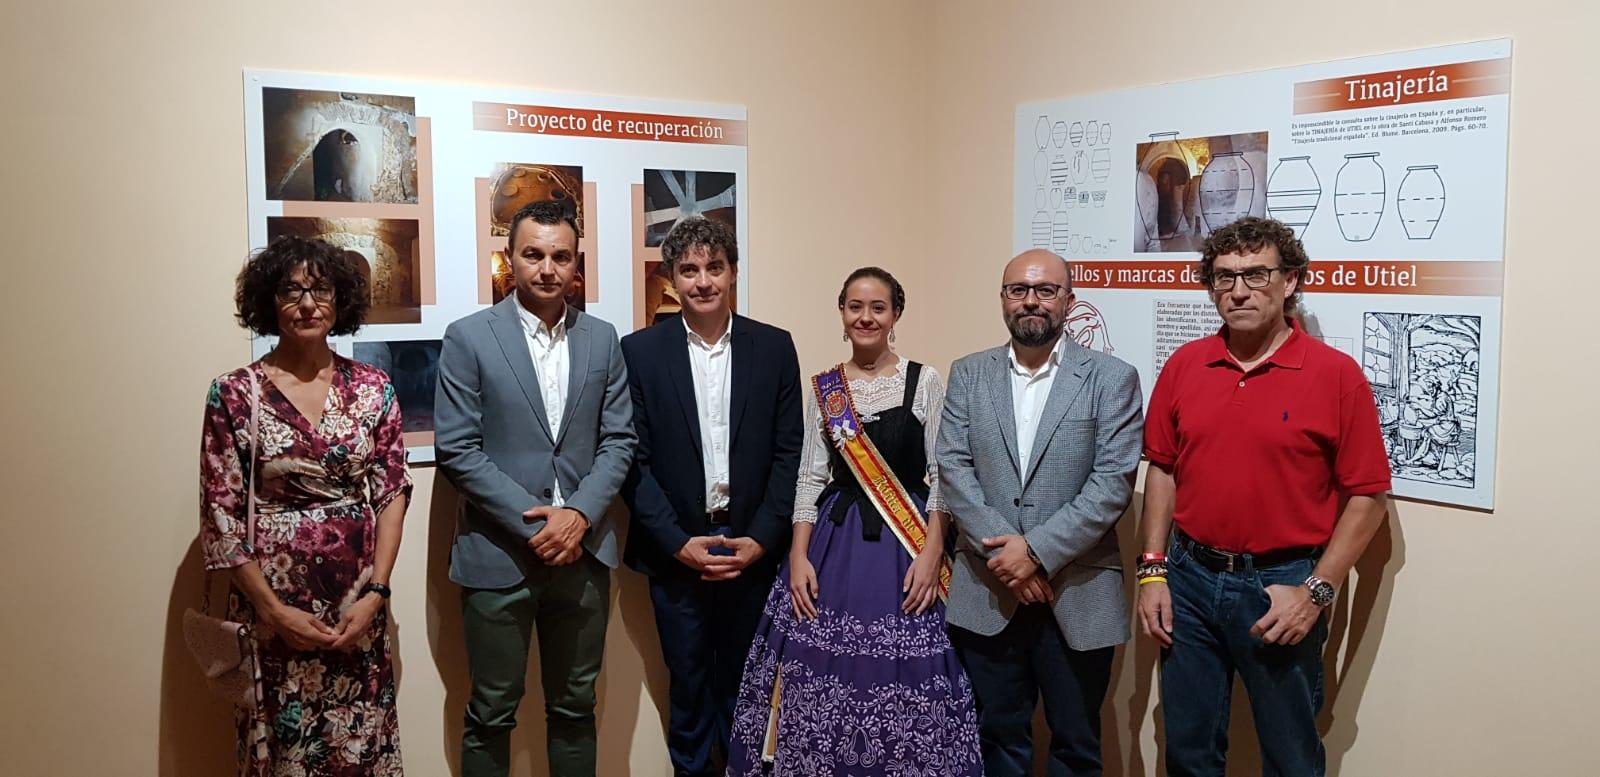 """El responsable de Turisme señala que la rehabilitación """"cuenta con la colaboración de la Generalitat""""."""